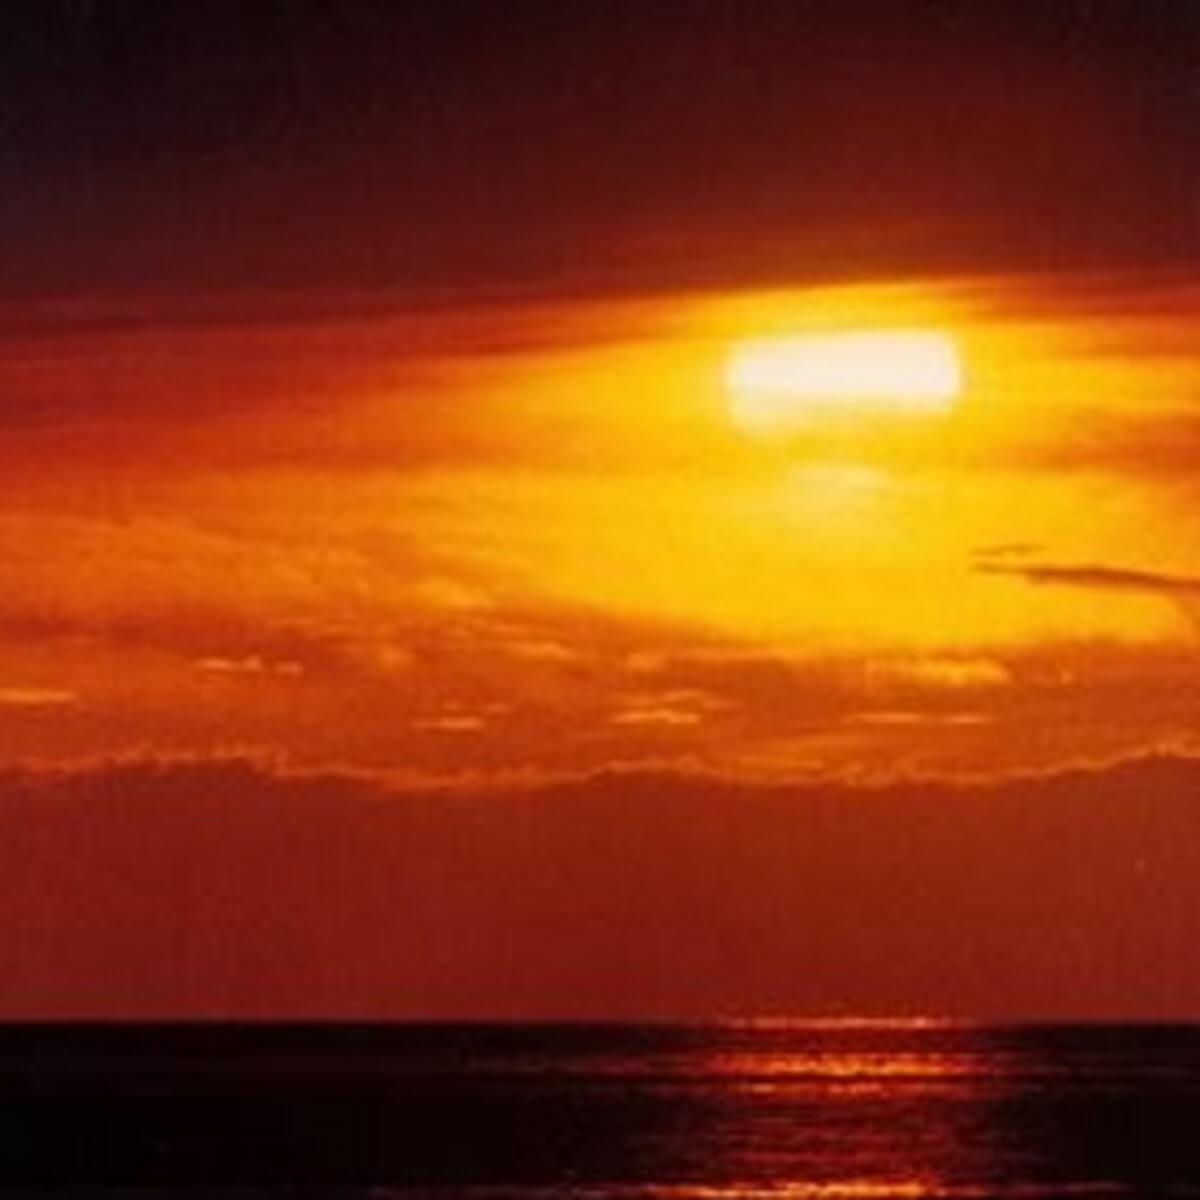 真っ赤な夕日。